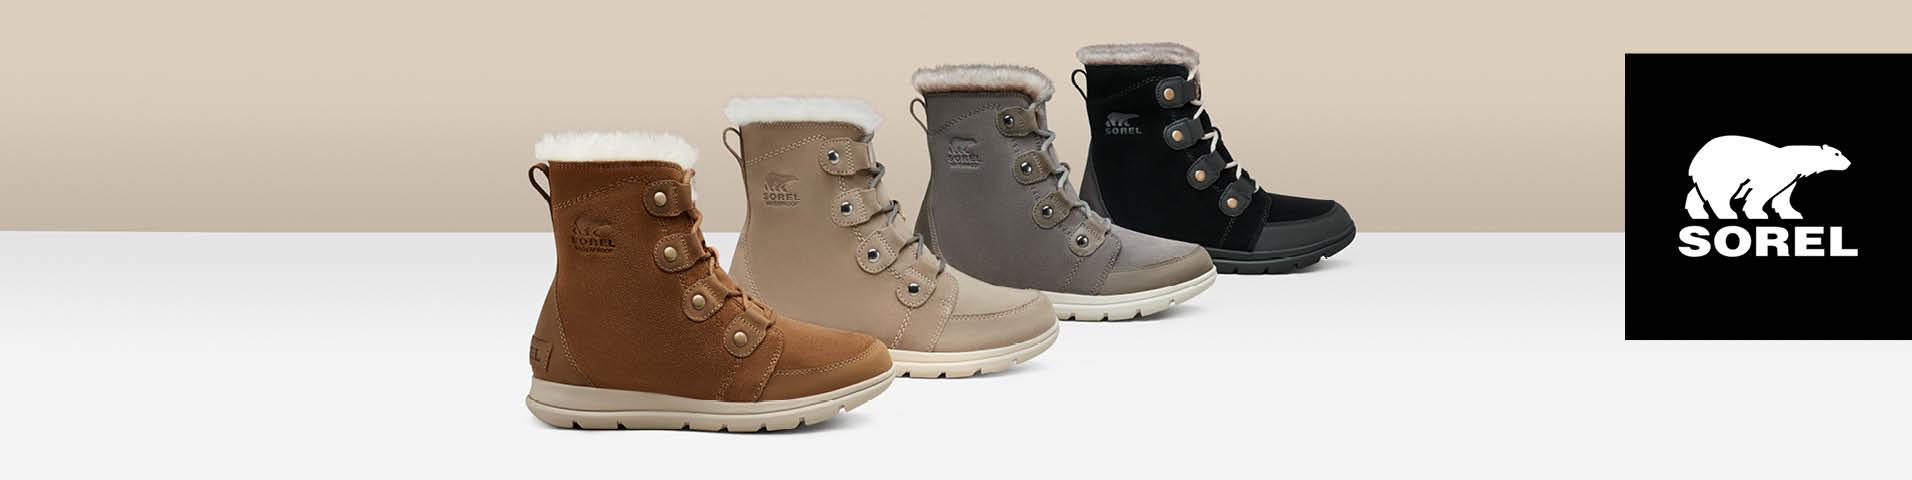 Sorel Børnesko   stort udvalg af sko til børn online på